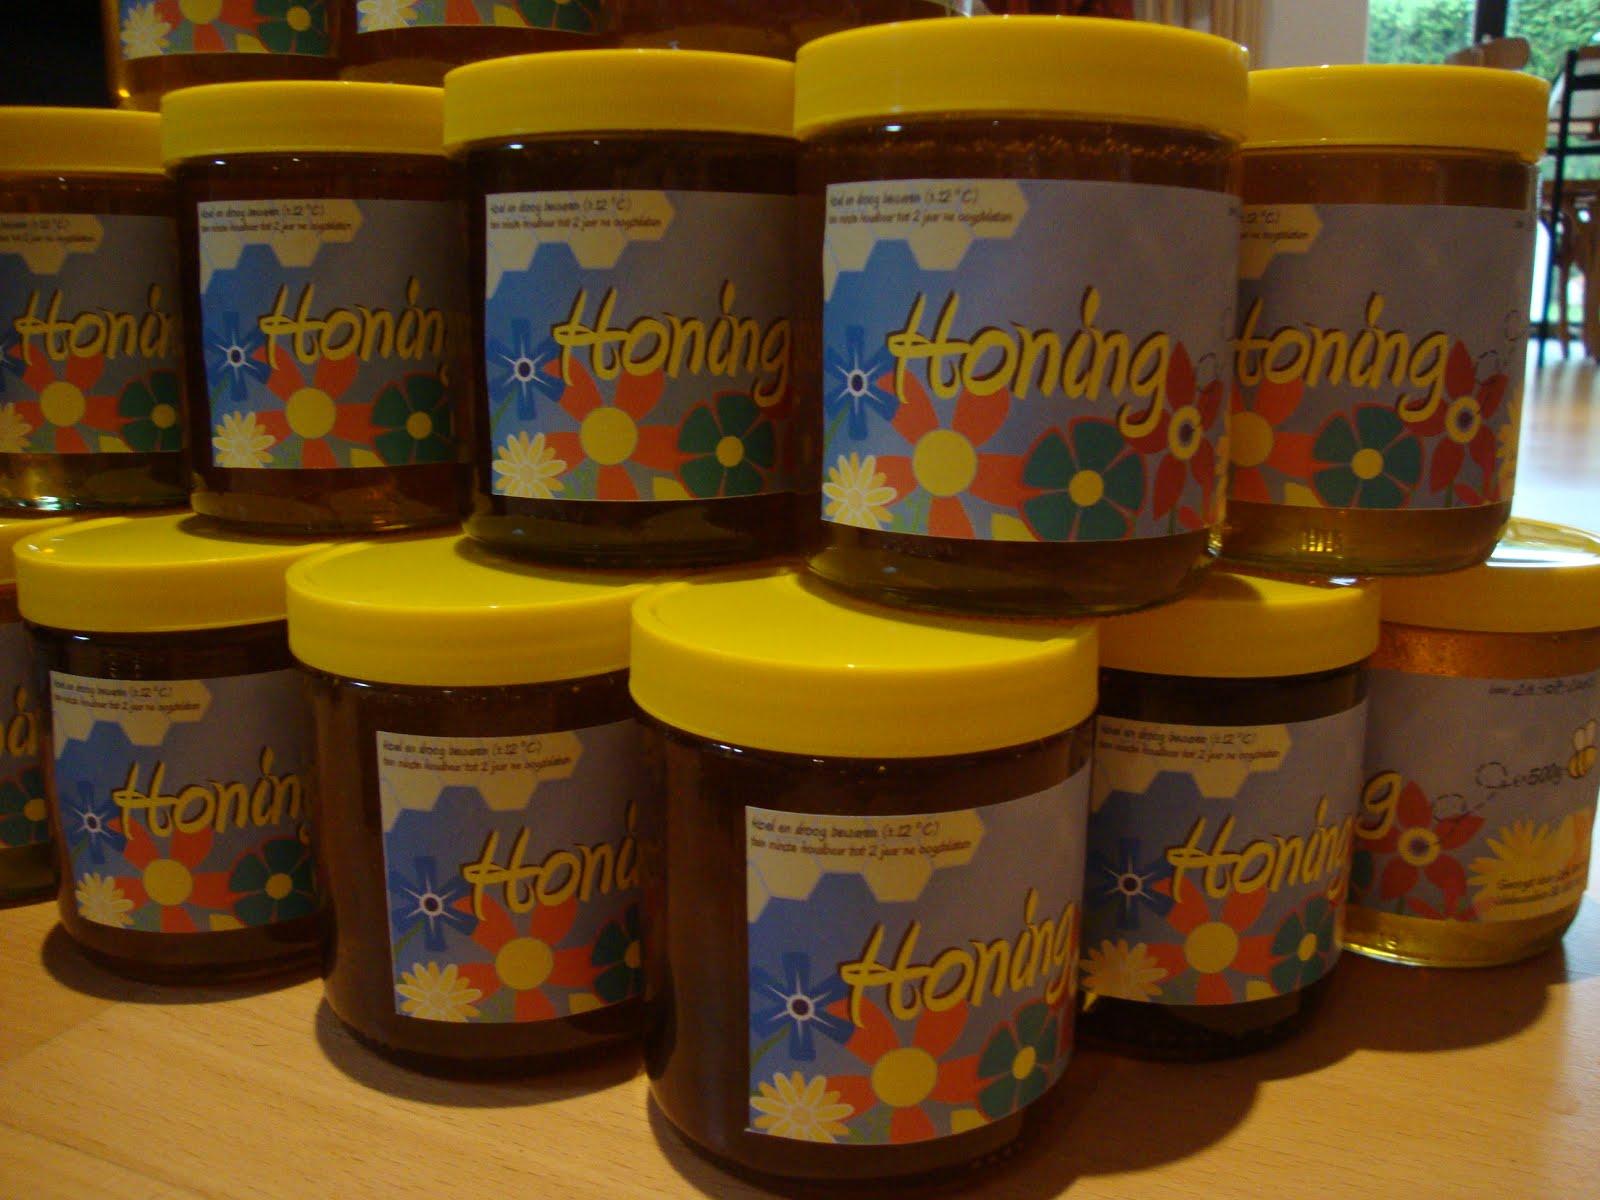 Honing van de imker verkrijgbaar